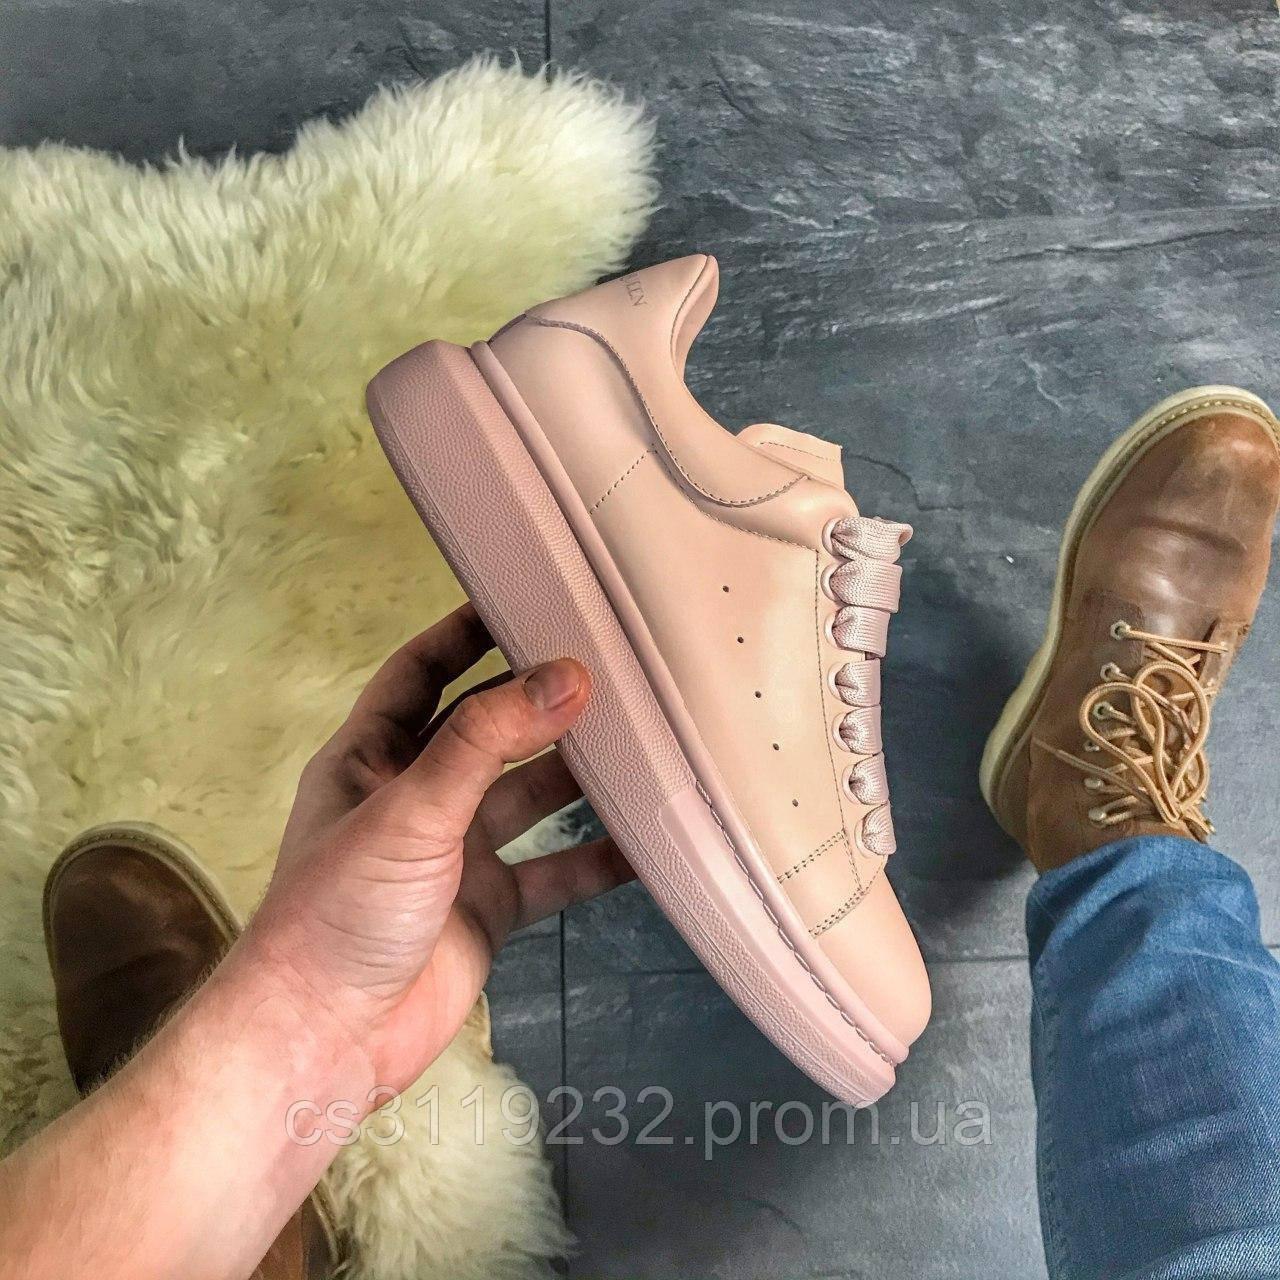 Жіночі кросівки Triple Peach (пудра)